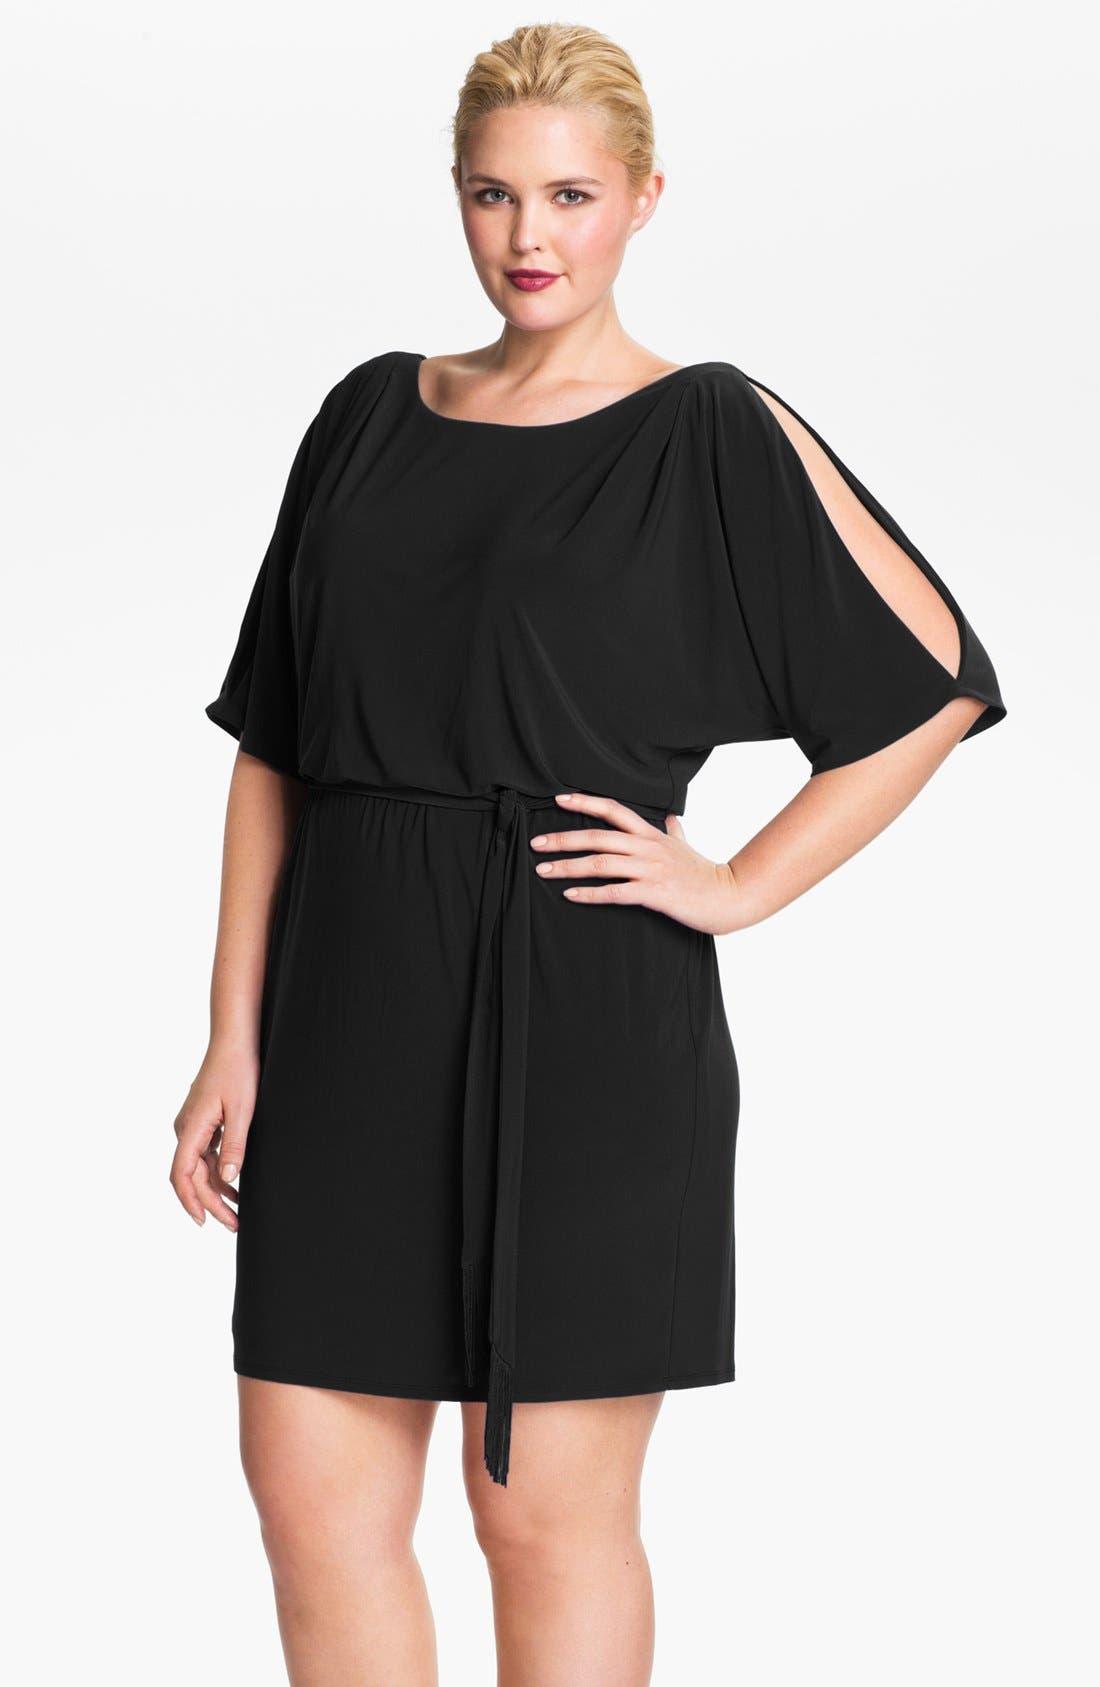 Main Image - Jessica Simpson Cold Shoulder Matte Jersey Blouson Dress (Plus Size)